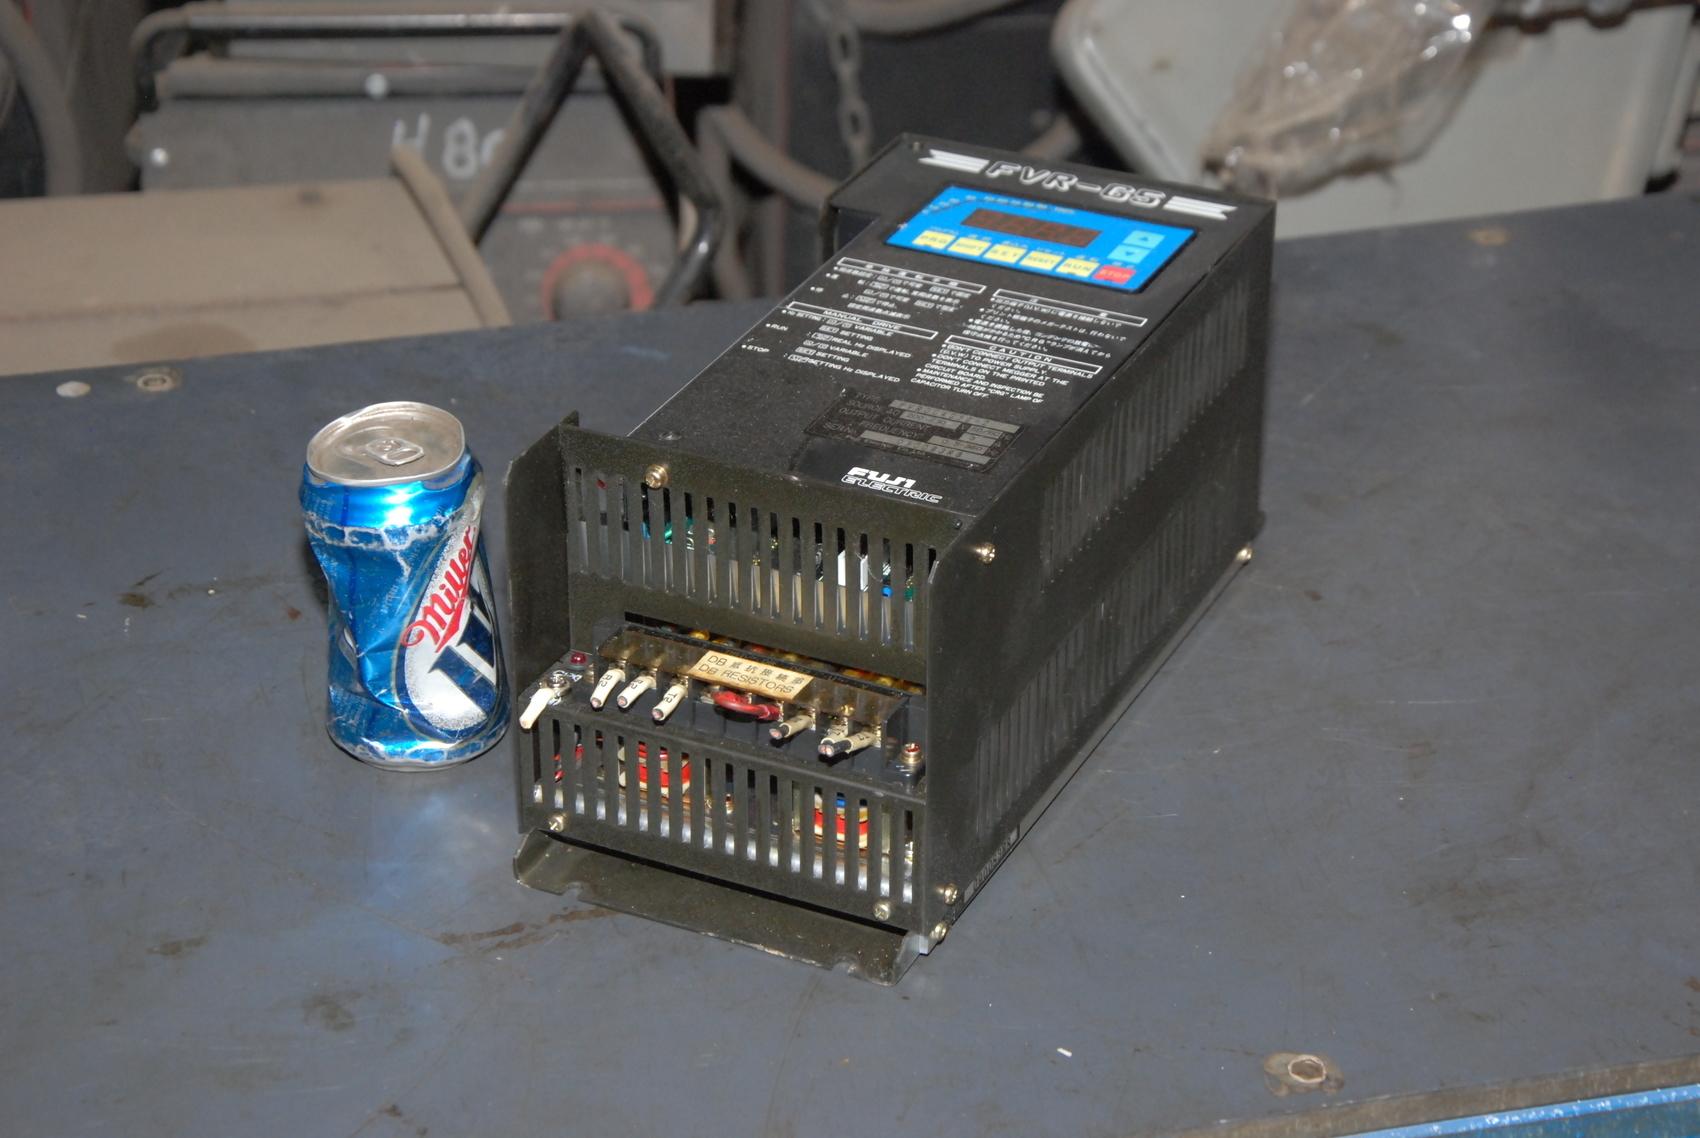 230v 8.4A FVR015G7S-2UX out-230v 8a FVR G7S Fuji Electric Drive warranty